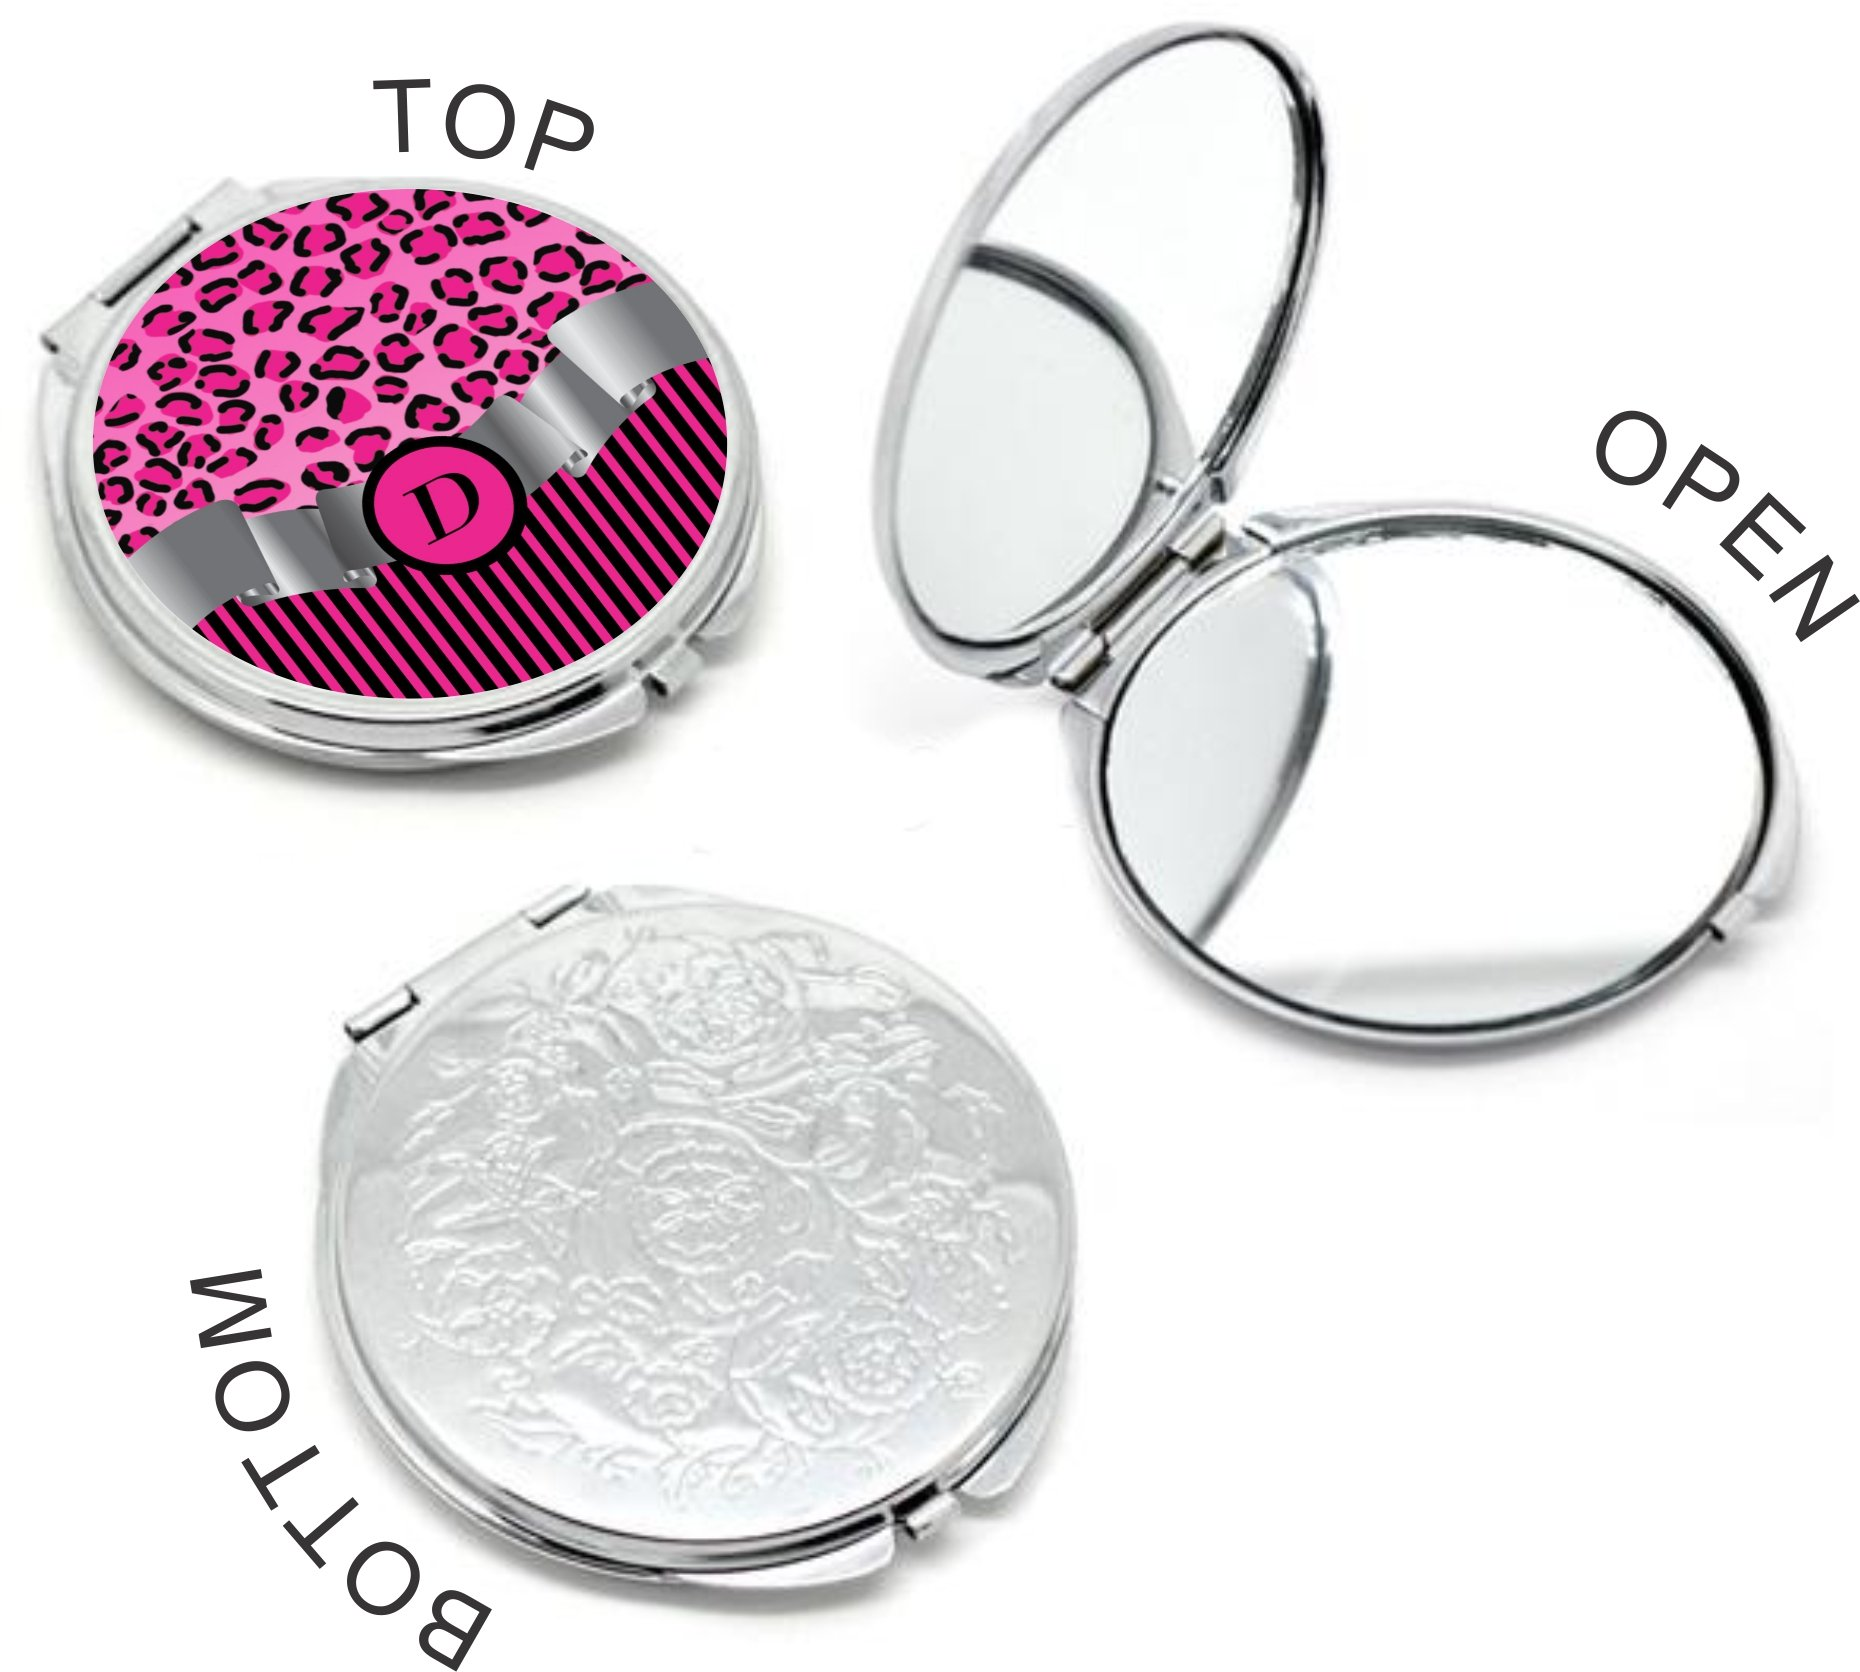 Rikki Knight Letter''D'' Hot Pink Leopard Print Stripes Monogram Design Round Compact Mirror